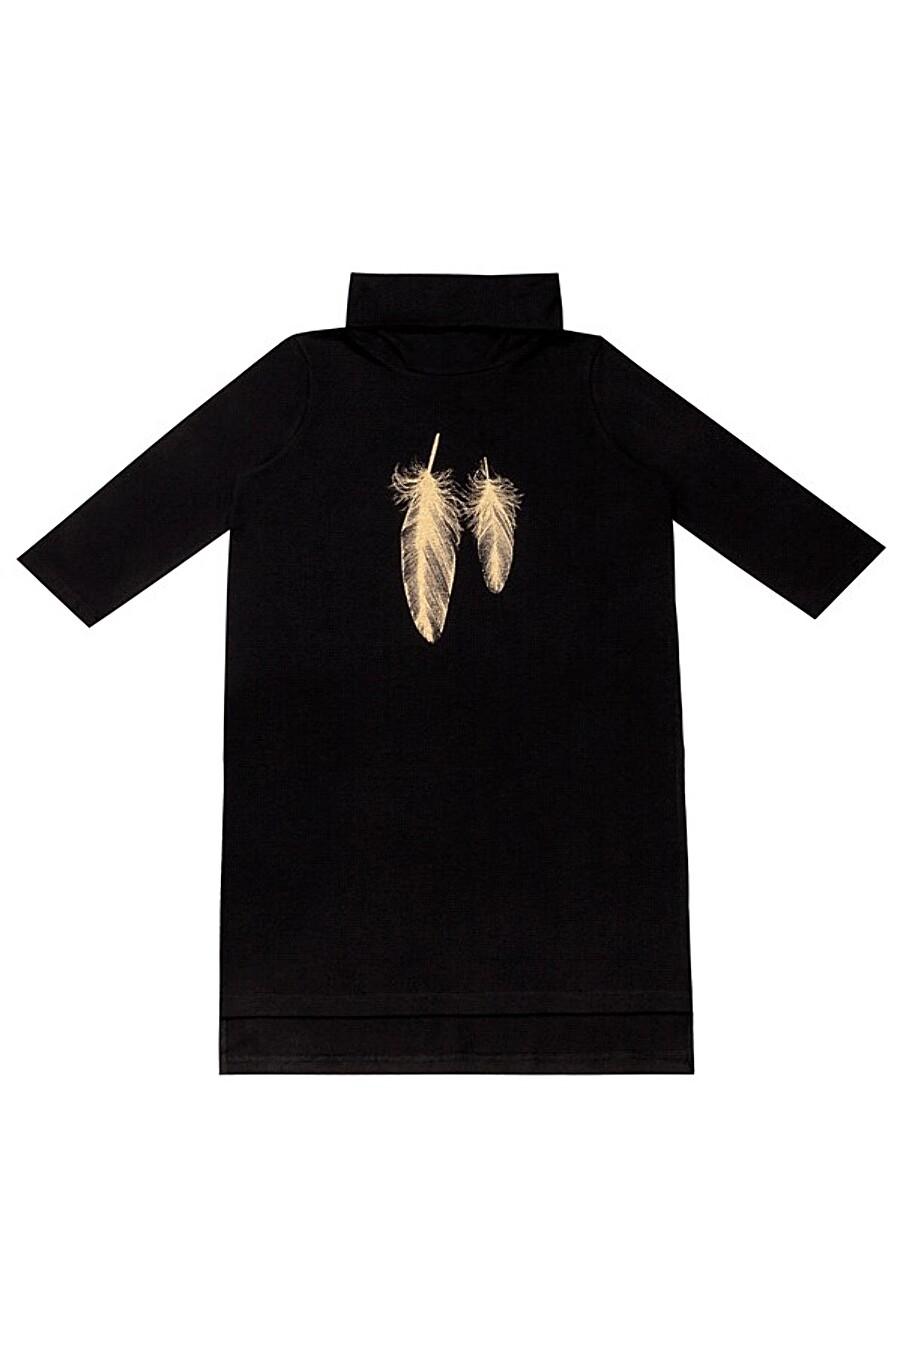 Туника  для женщин Archi 272713 купить оптом от производителя. Совместная покупка женской одежды в OptMoyo